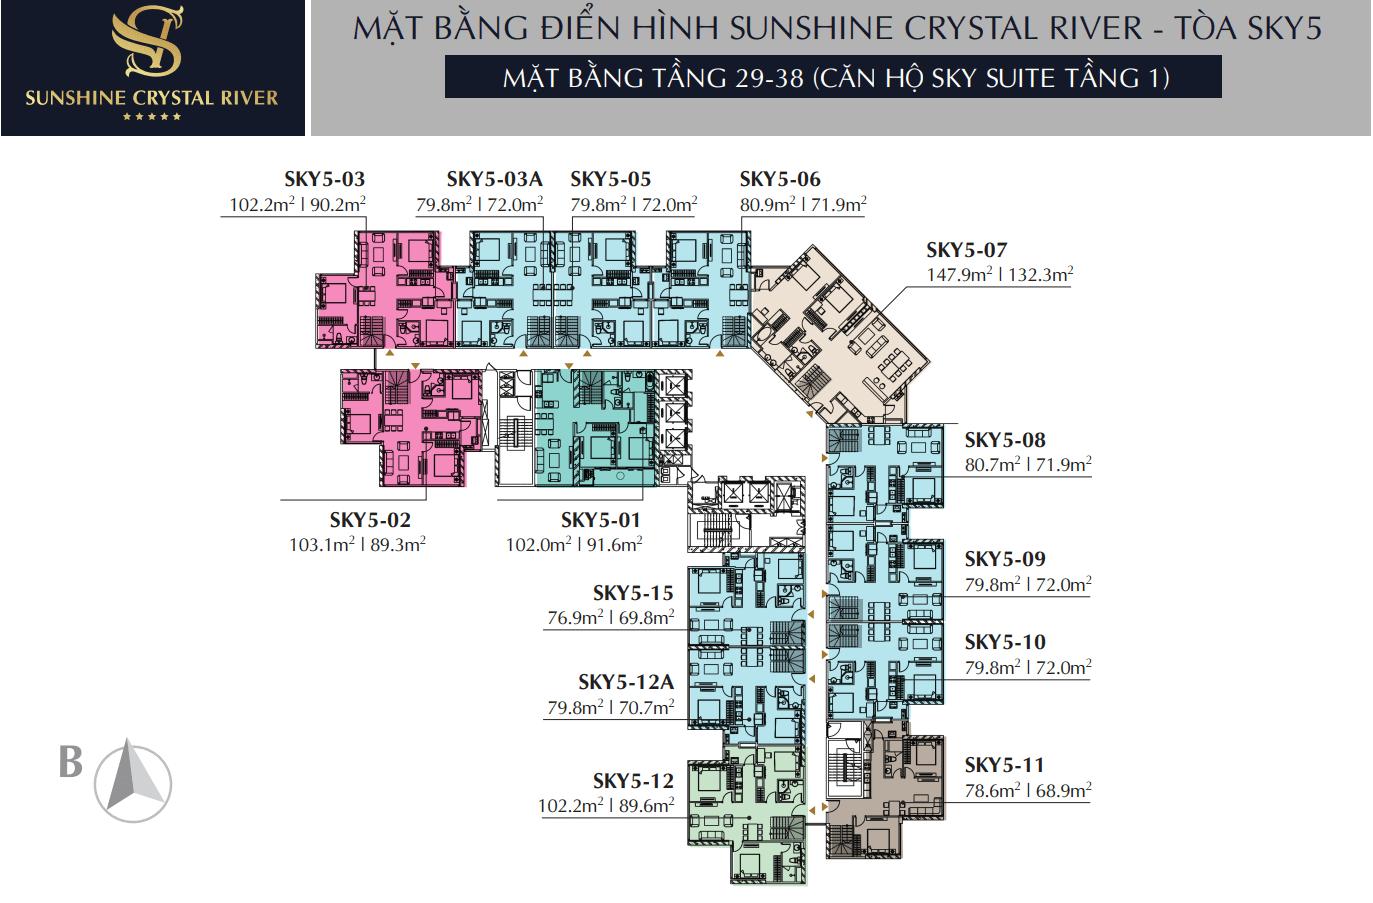 Mặt bằng tầng 29 - 38 căn hộ Sky Suite Tầng 1- Tòa Sky 5 Sunshine Crystal River